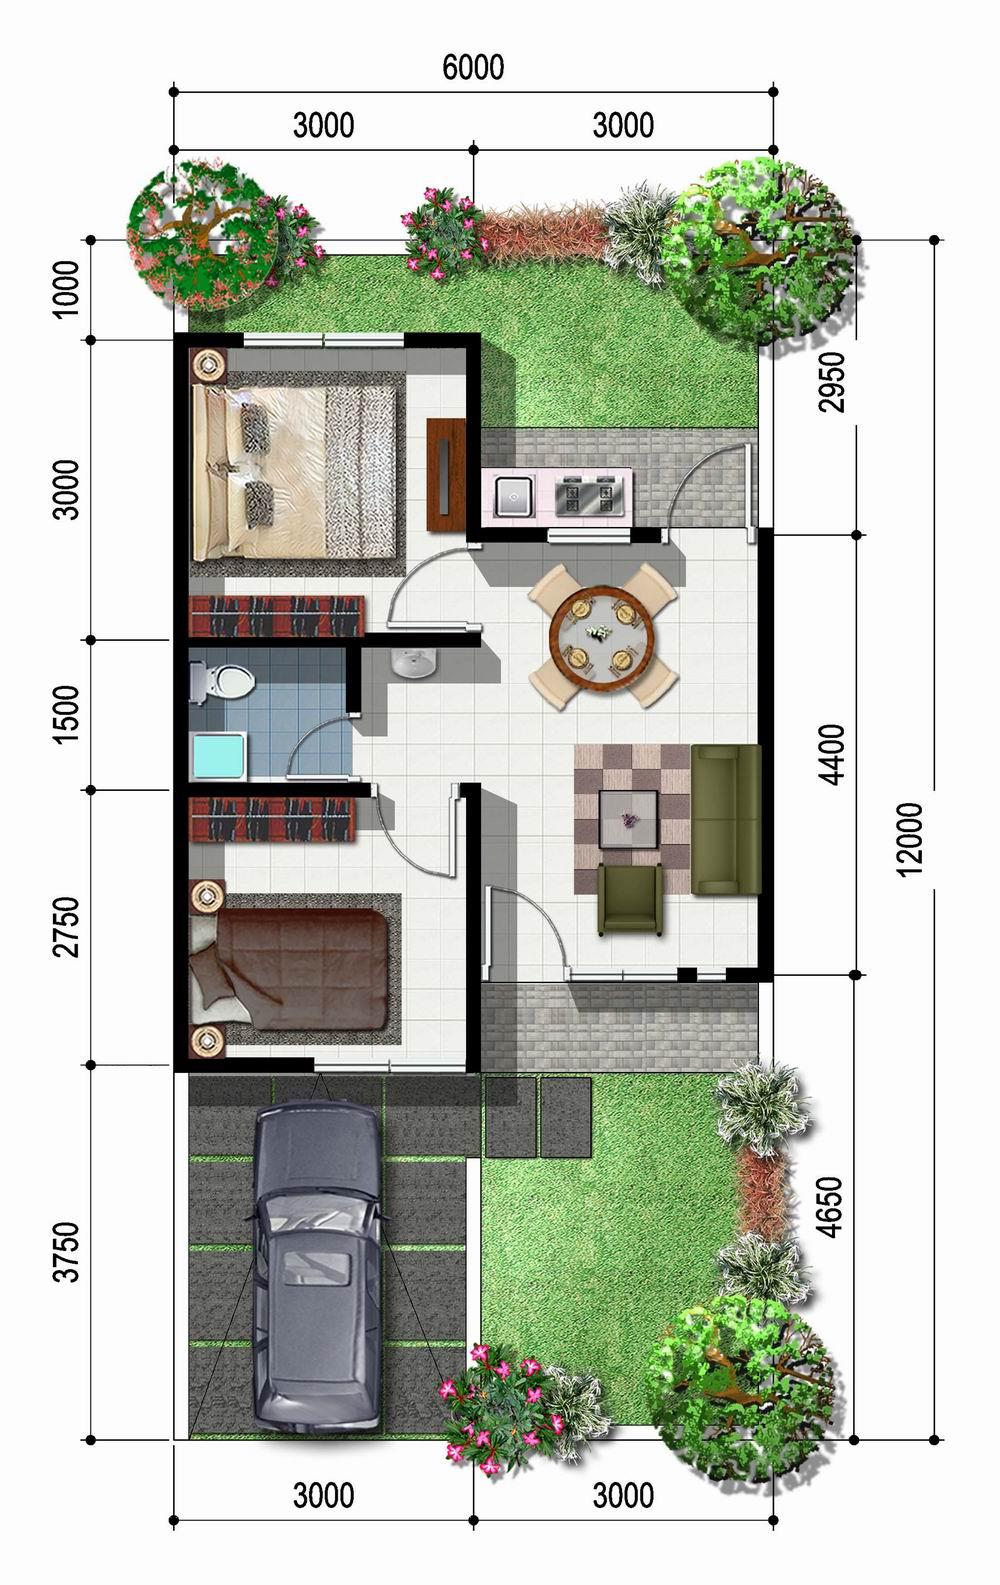 ... anda sekalian selamat menikmati desain rumah desain rumah desain rumah